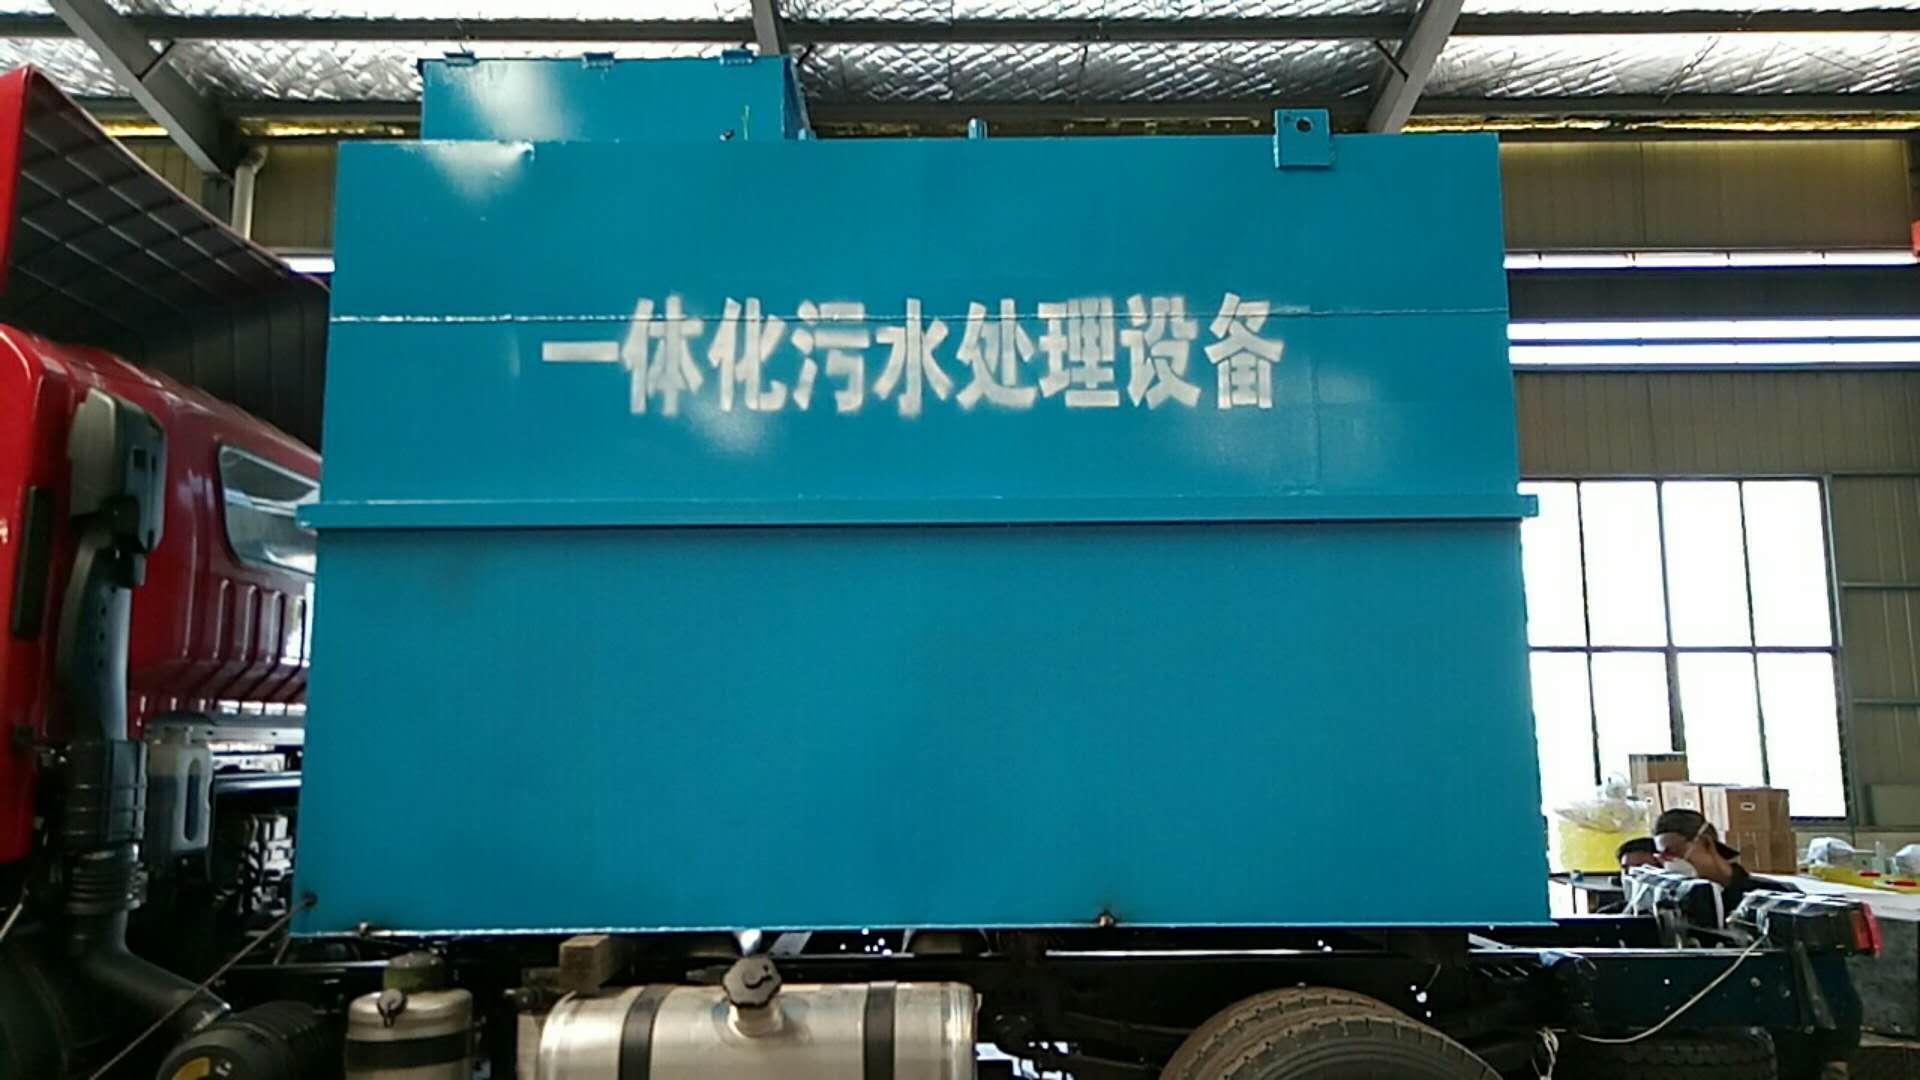 水果罐头加工污水处理设备,一体化污水处理设备